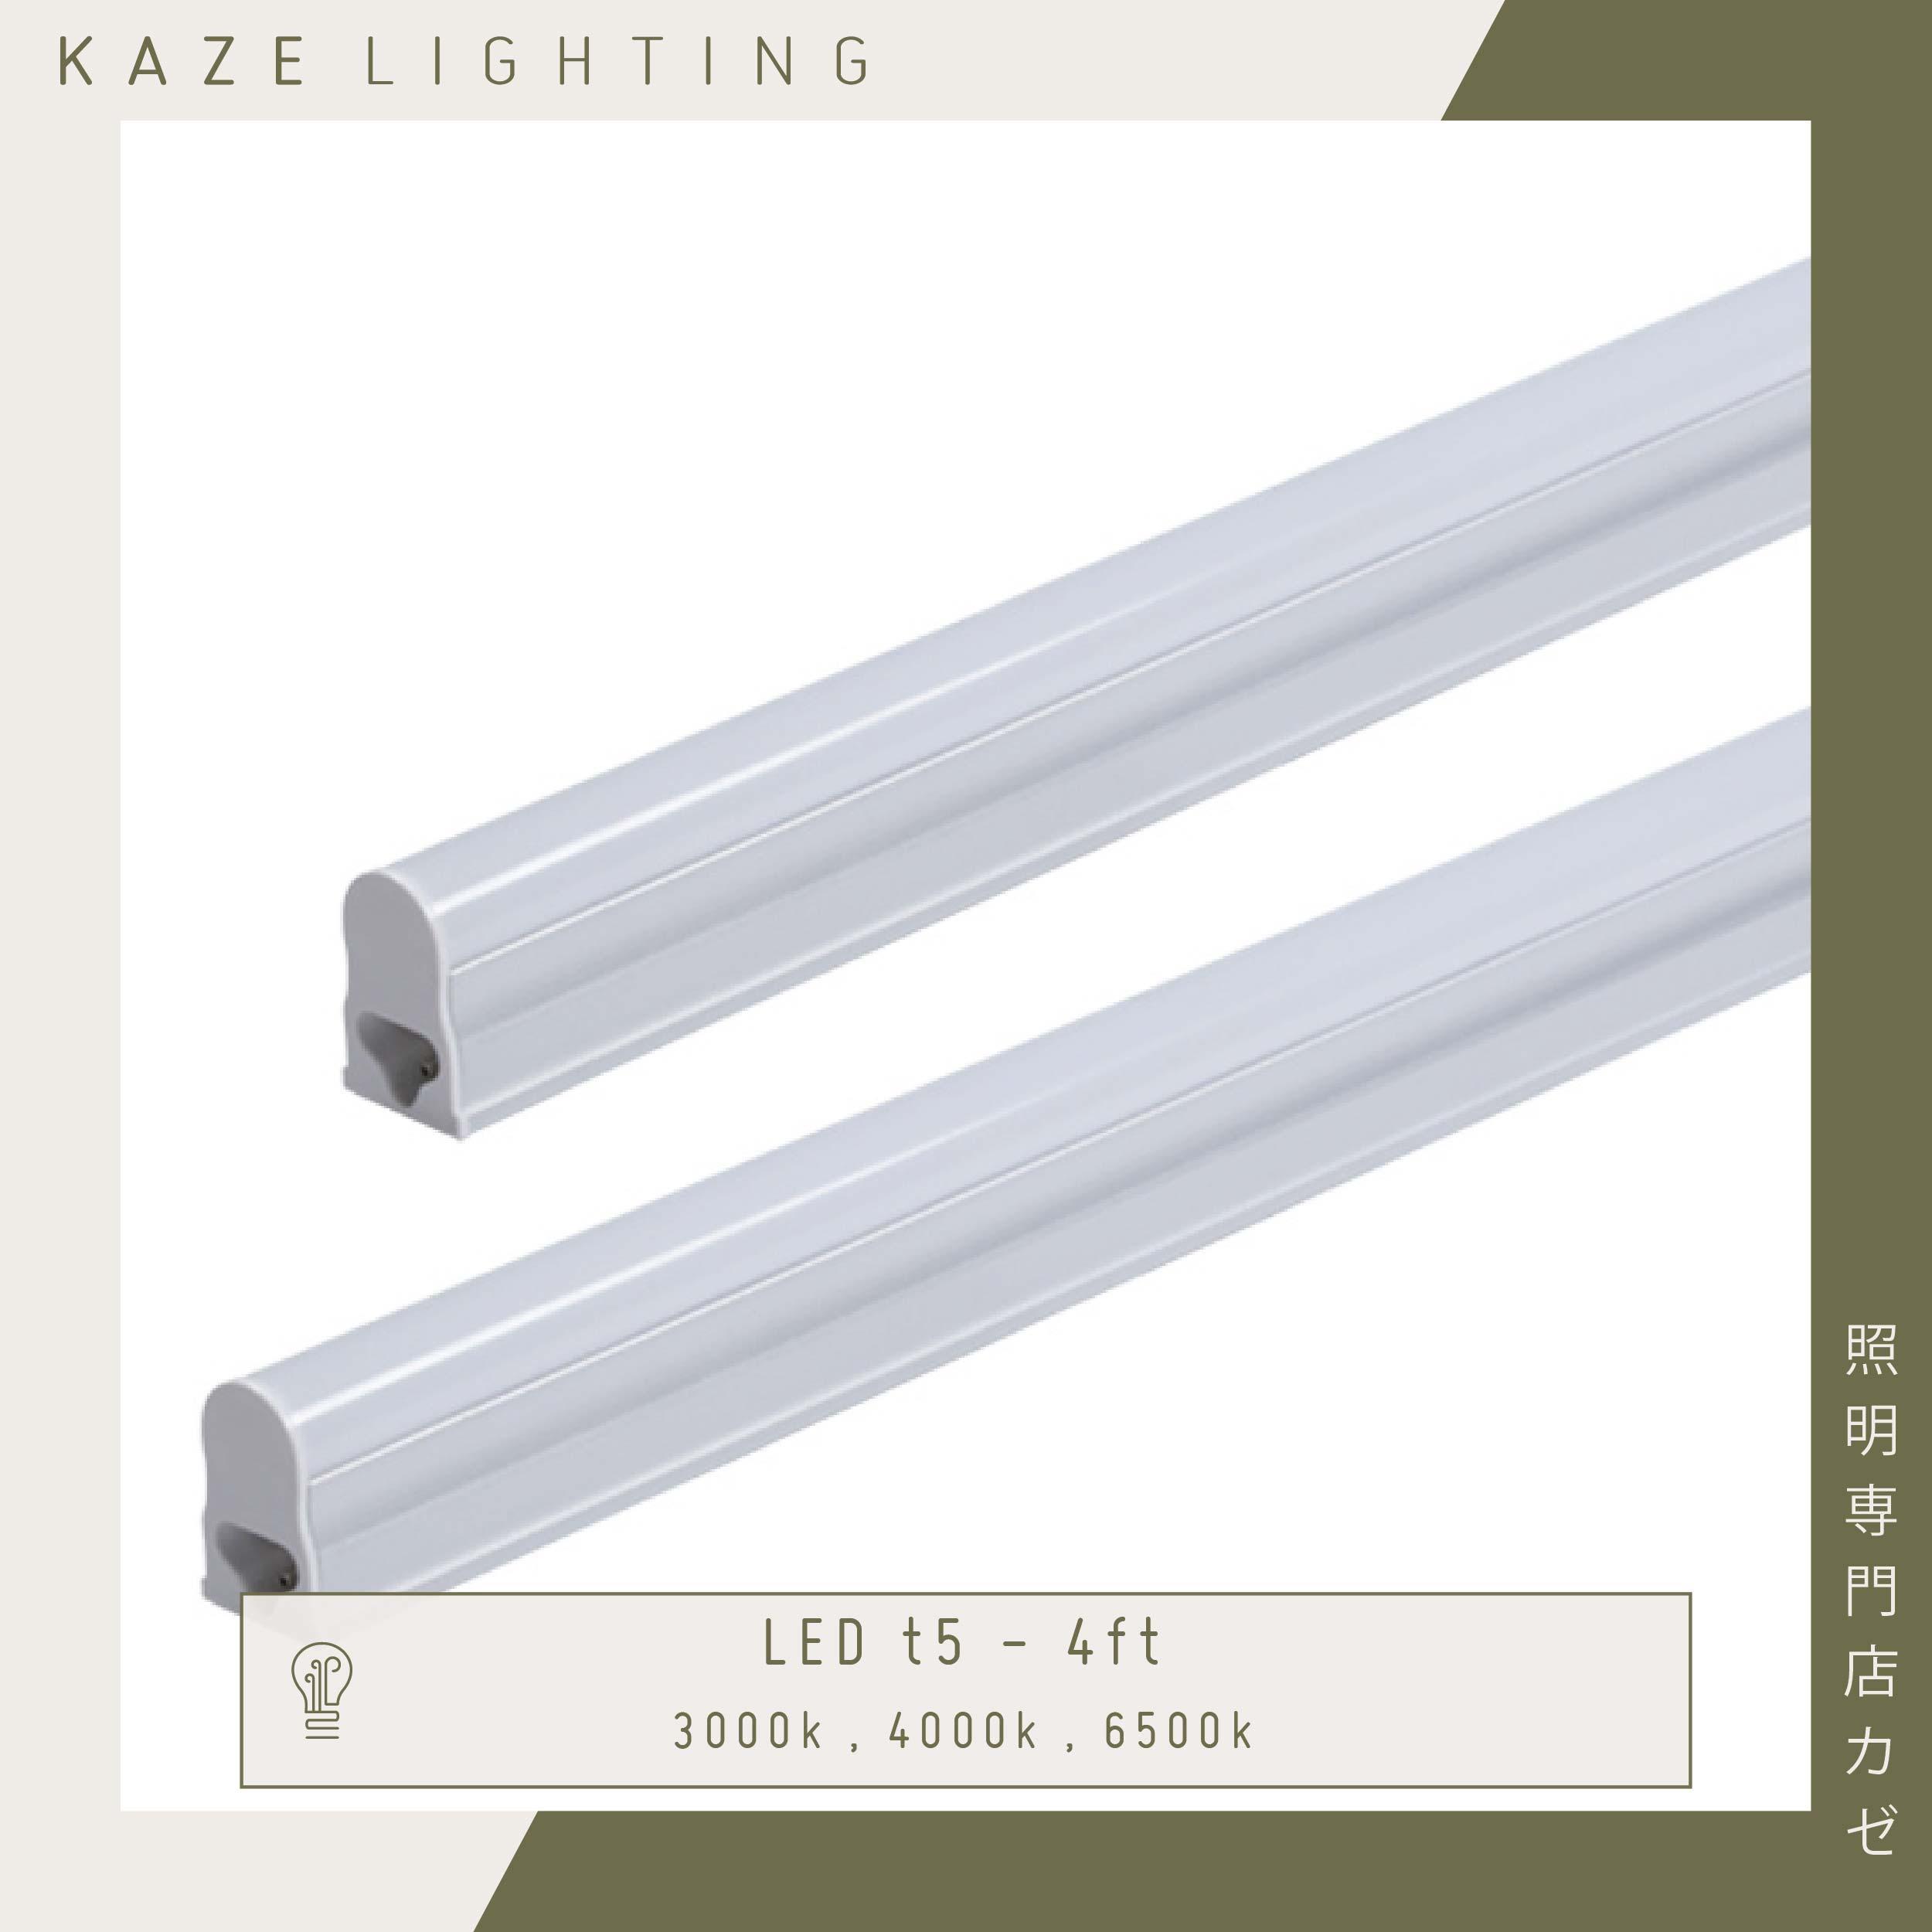 2Pcs LED T5 4Ft